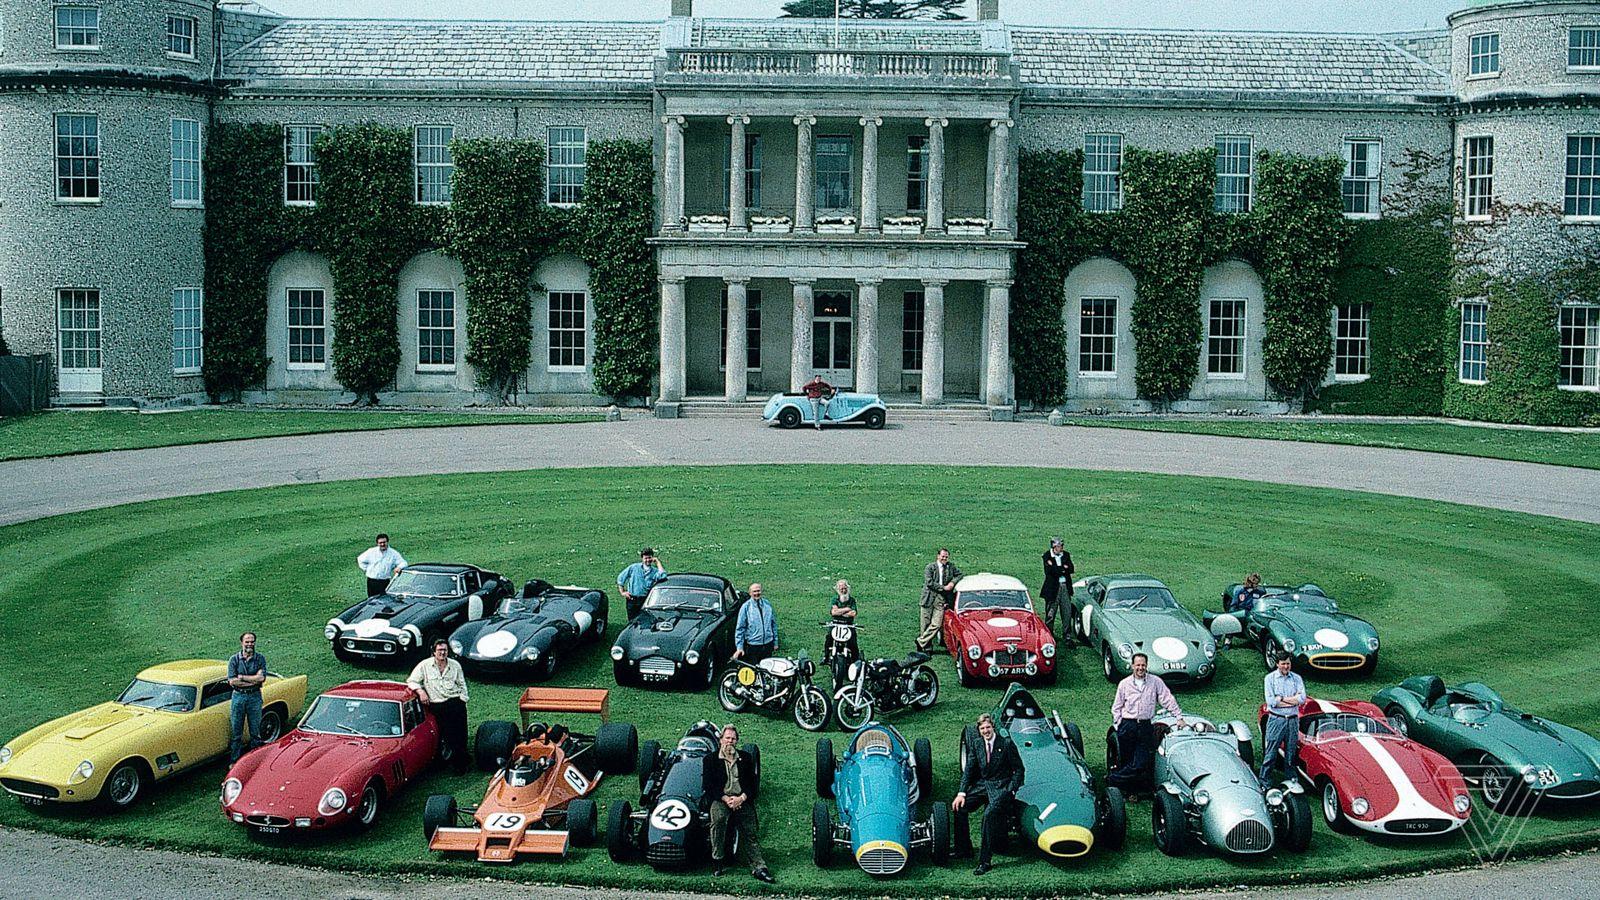 Multimillion-dollar Ferraris, Jaguars, Astons, and a fine cup of tea